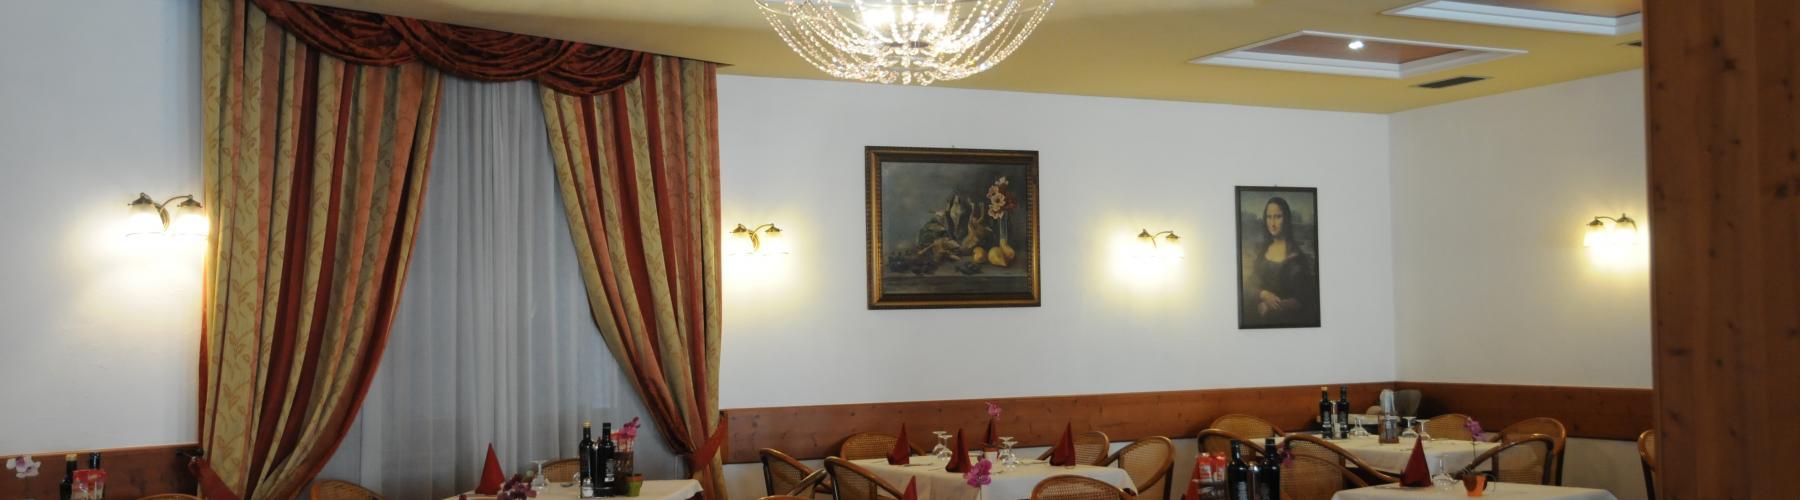 Copertina HOTEL ETERNITA' Ristorante e Pizzeria